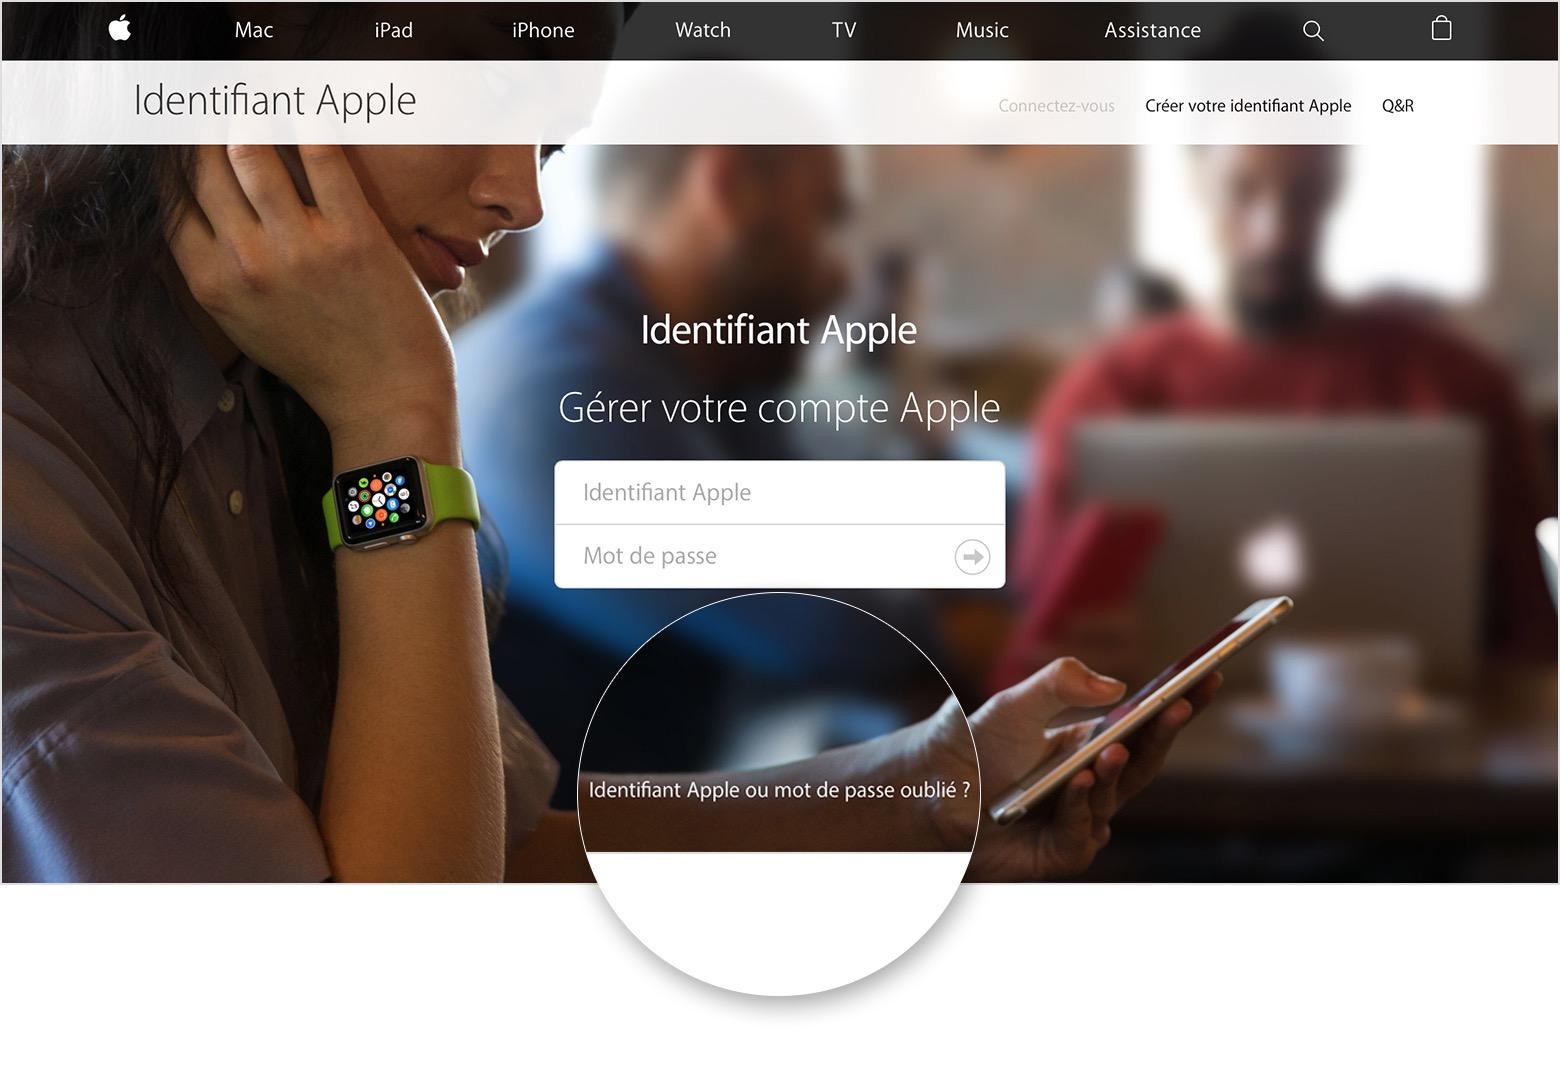 Oubli du mot de passe associé à votre identifiant Apple ...